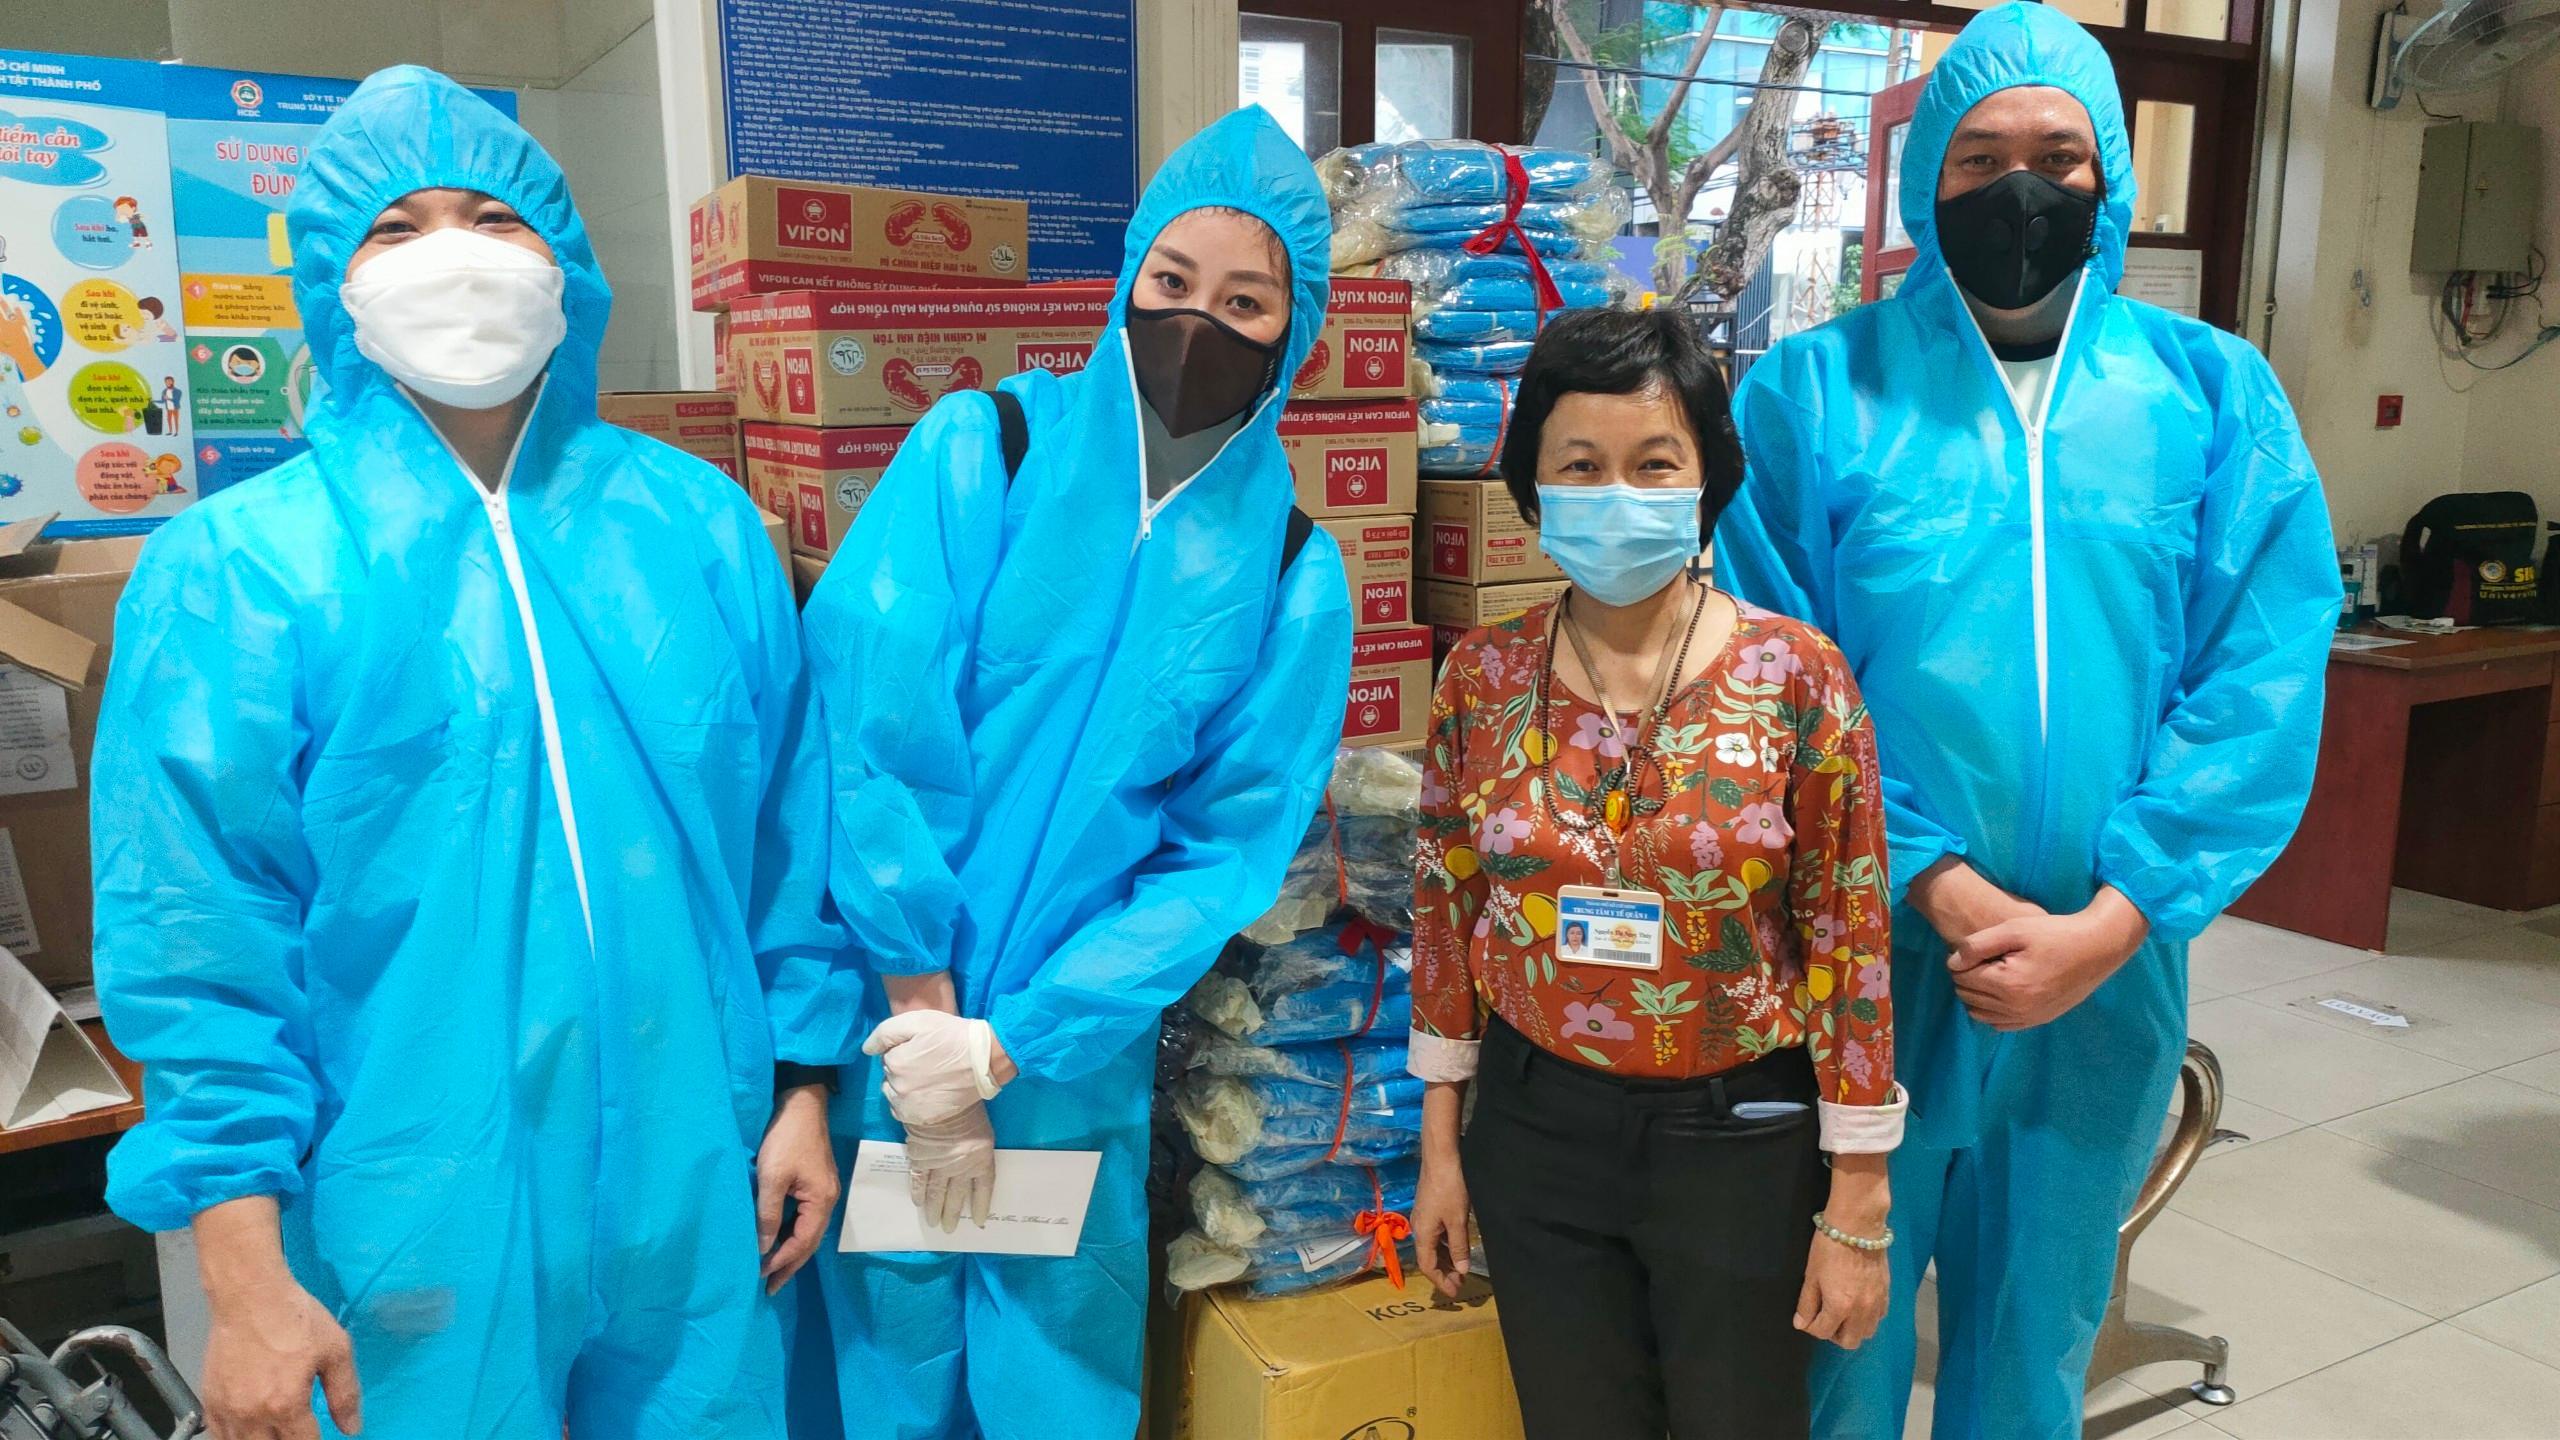 Hoa hậu Khánh Vân hỗ trợ người dân có hoàn cảnh khó khăn tại TP HCM